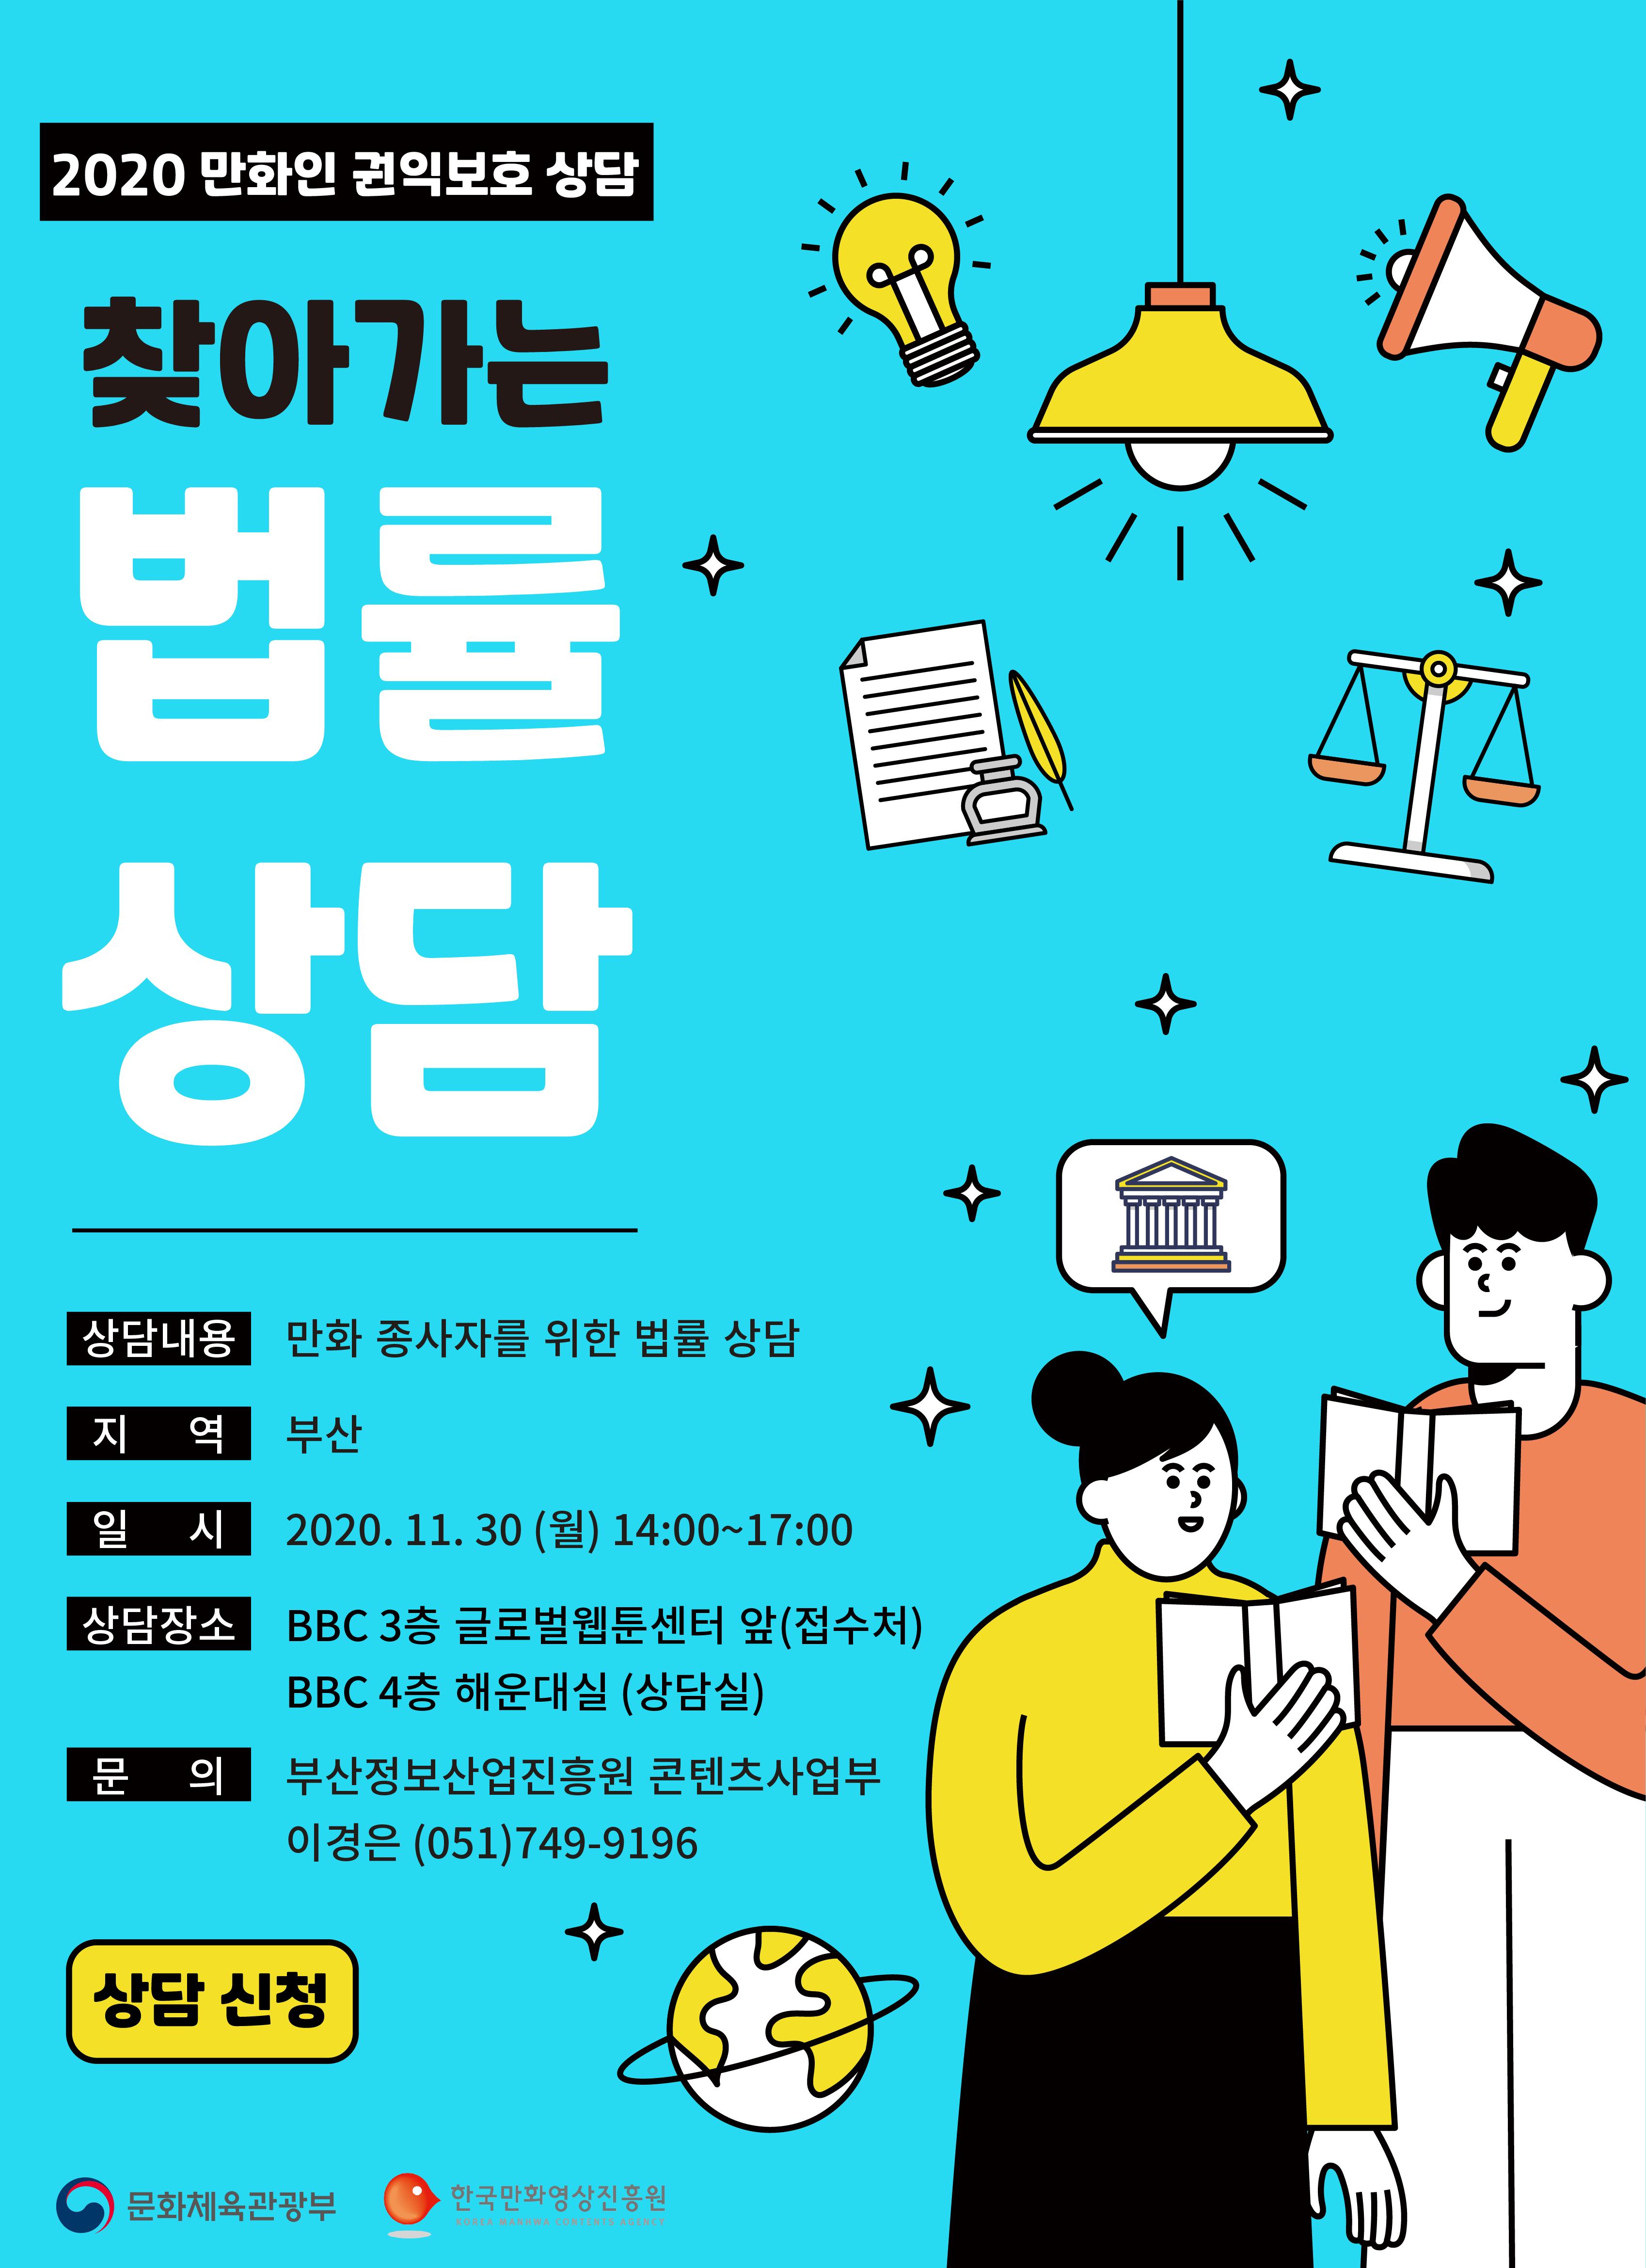 포스터 1 (A2)_권익보호상담_상담신청 버튼_최종.png